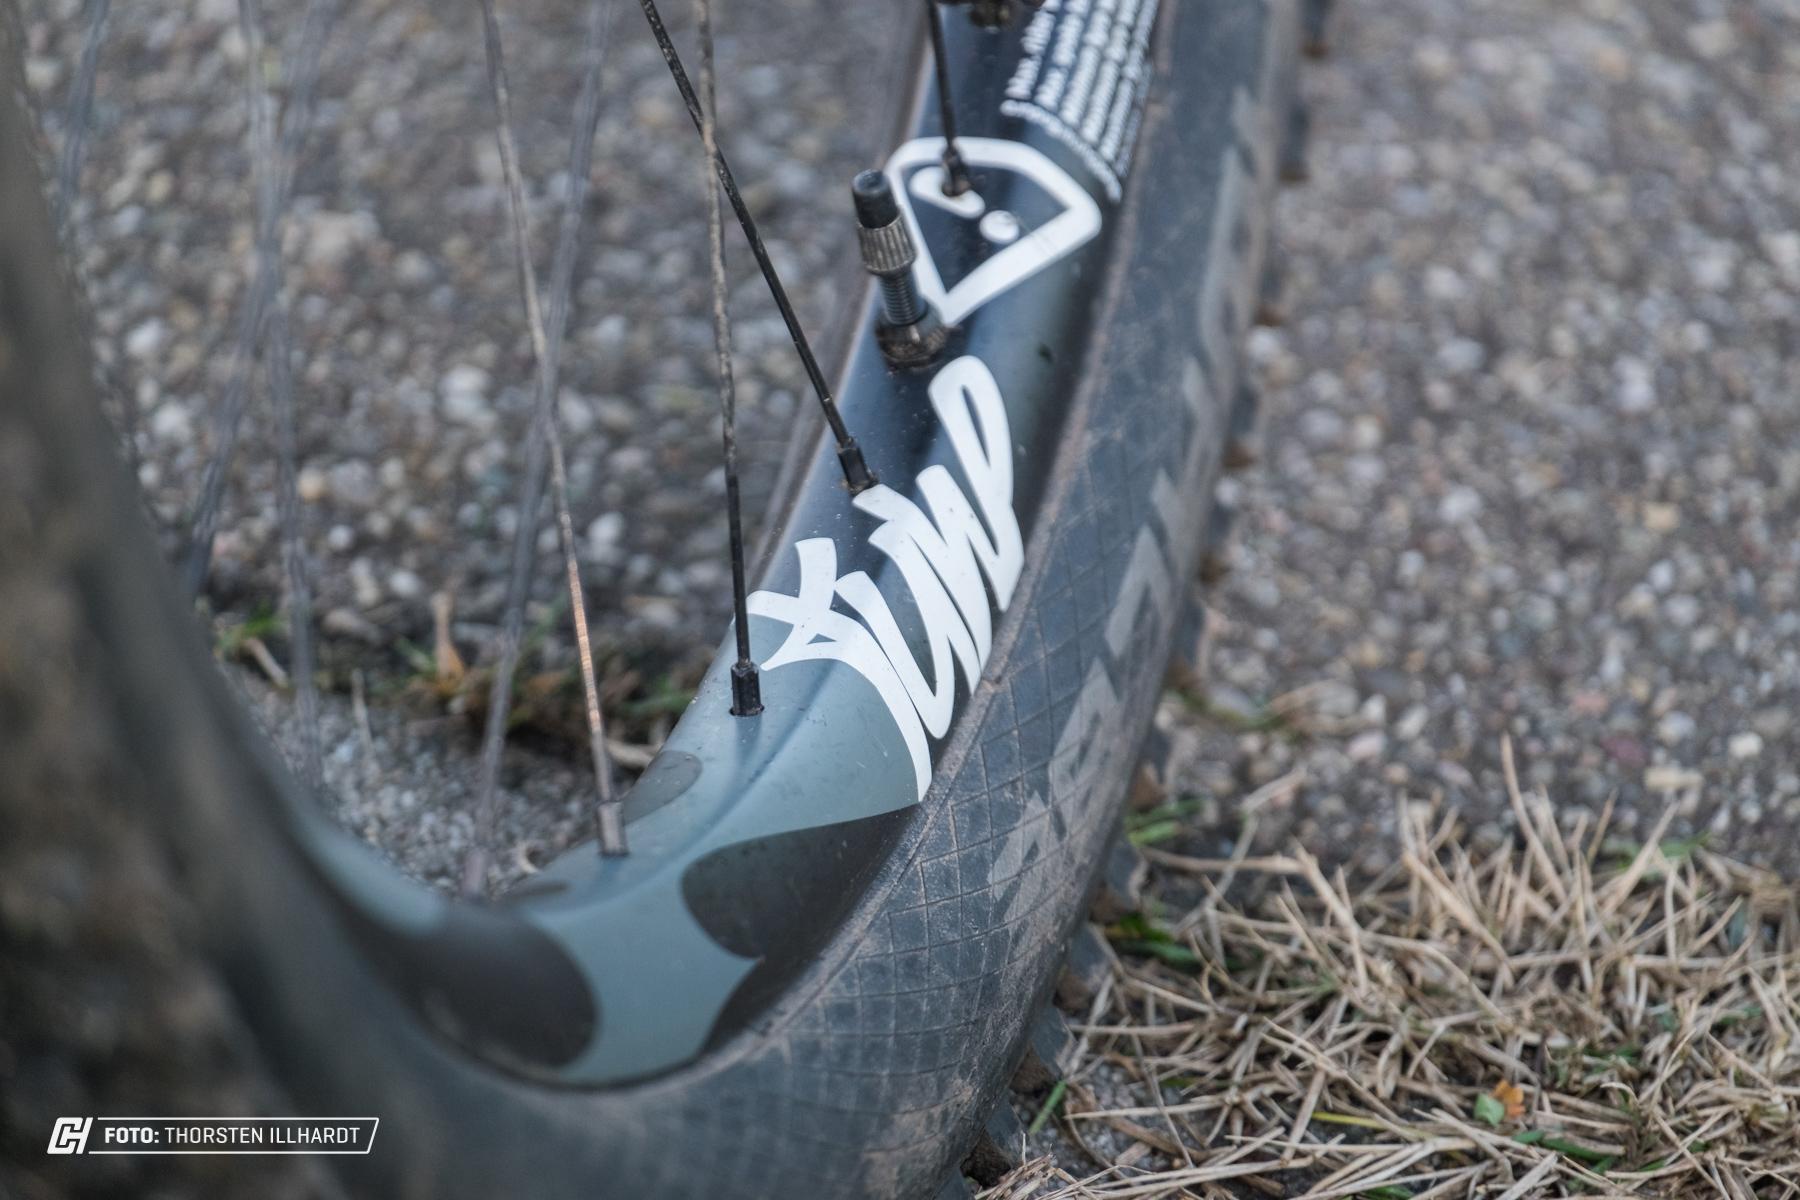 DIe Breite Abstützung der Reifen vermeiden Burping und Defekte aufgrund Durchschlägen